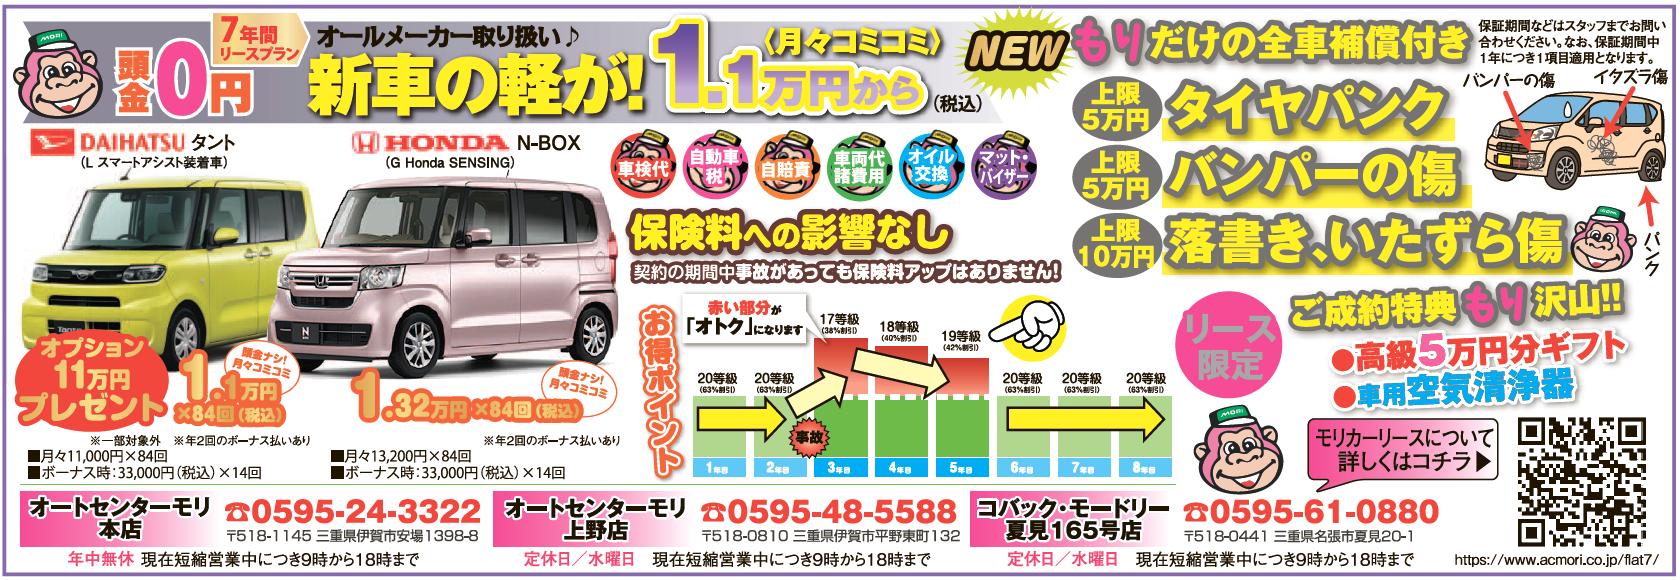 上限5万円:タイヤパンク、上限5万円:バンパー傷、上限10万円:落書き、いたずら傷の補償がもりなら全車付いてくる!詳しくはスタッフへ!